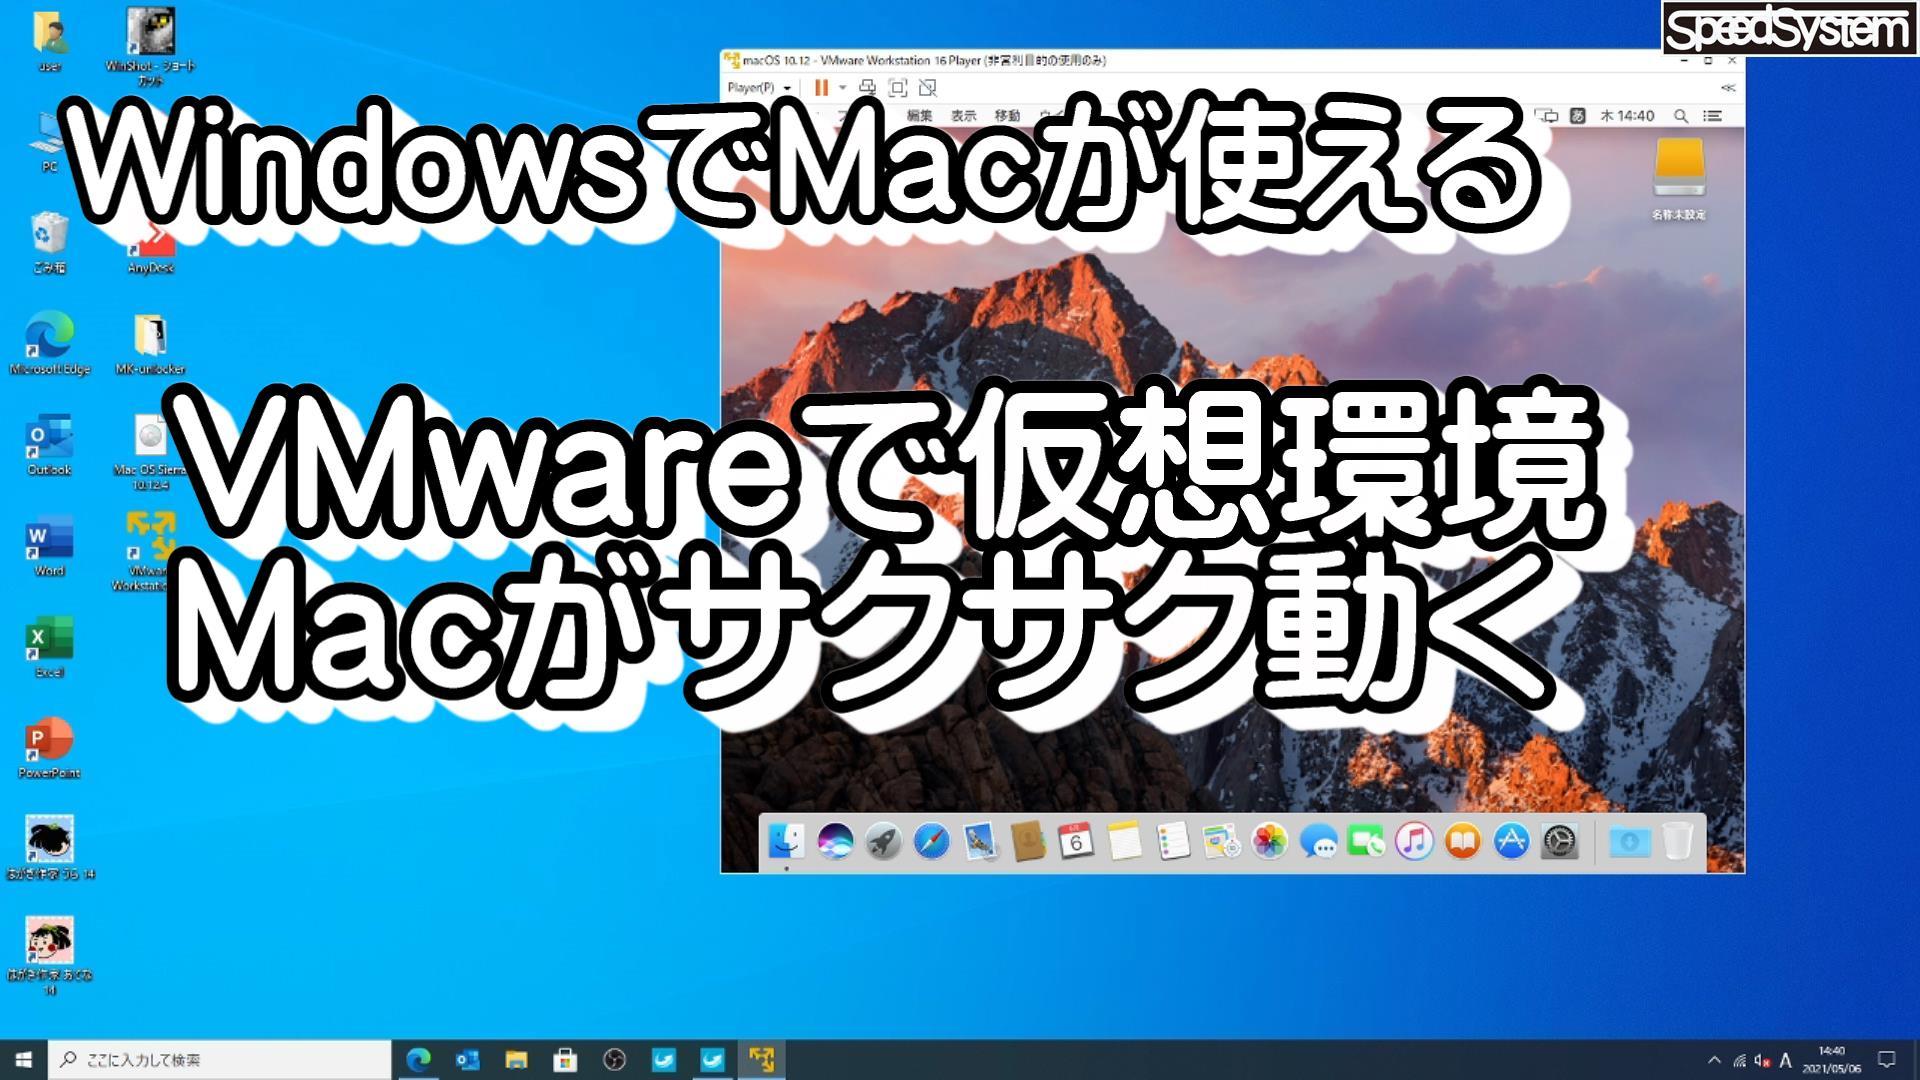 WindowsでMacが使える。 VMwareで仮想環境 Macがサクサク動く。